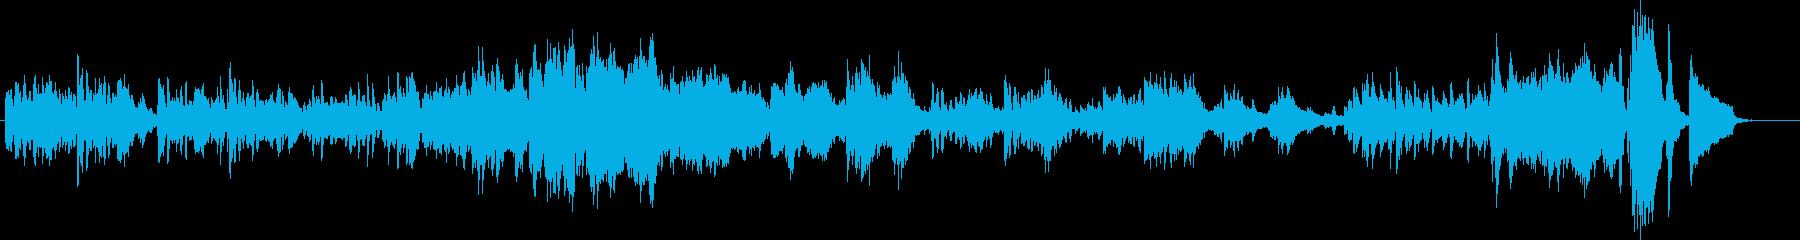 ショパン練習曲12-5明るくてキラキラの再生済みの波形